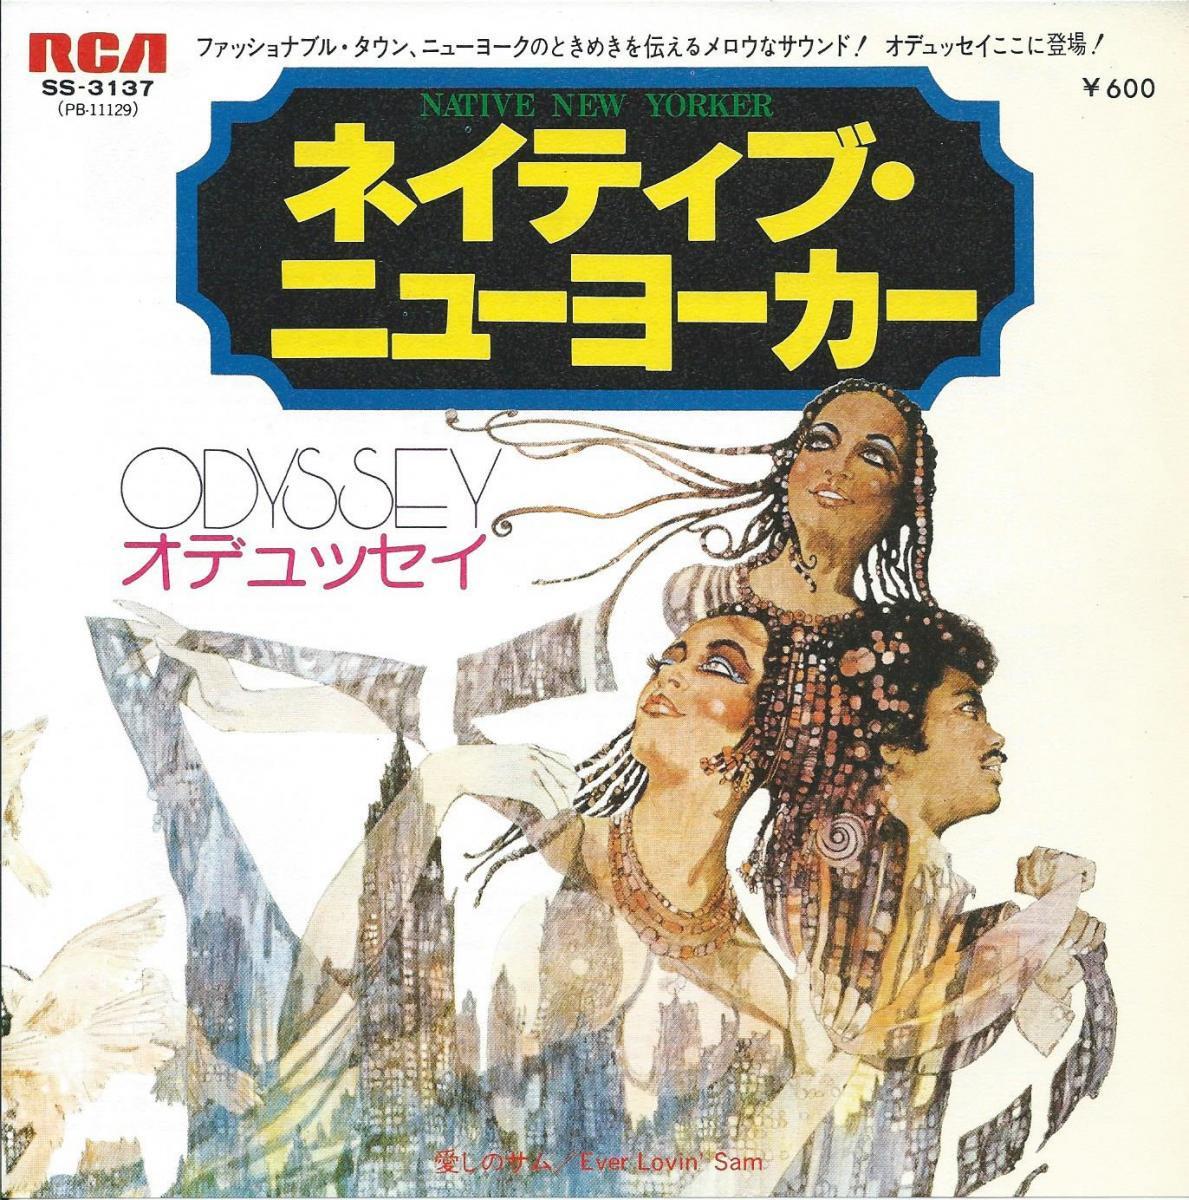 オデュッセイ ODYSSEY / ネイティブ・ニューヨーカー NATIVE NEW YORKER (7